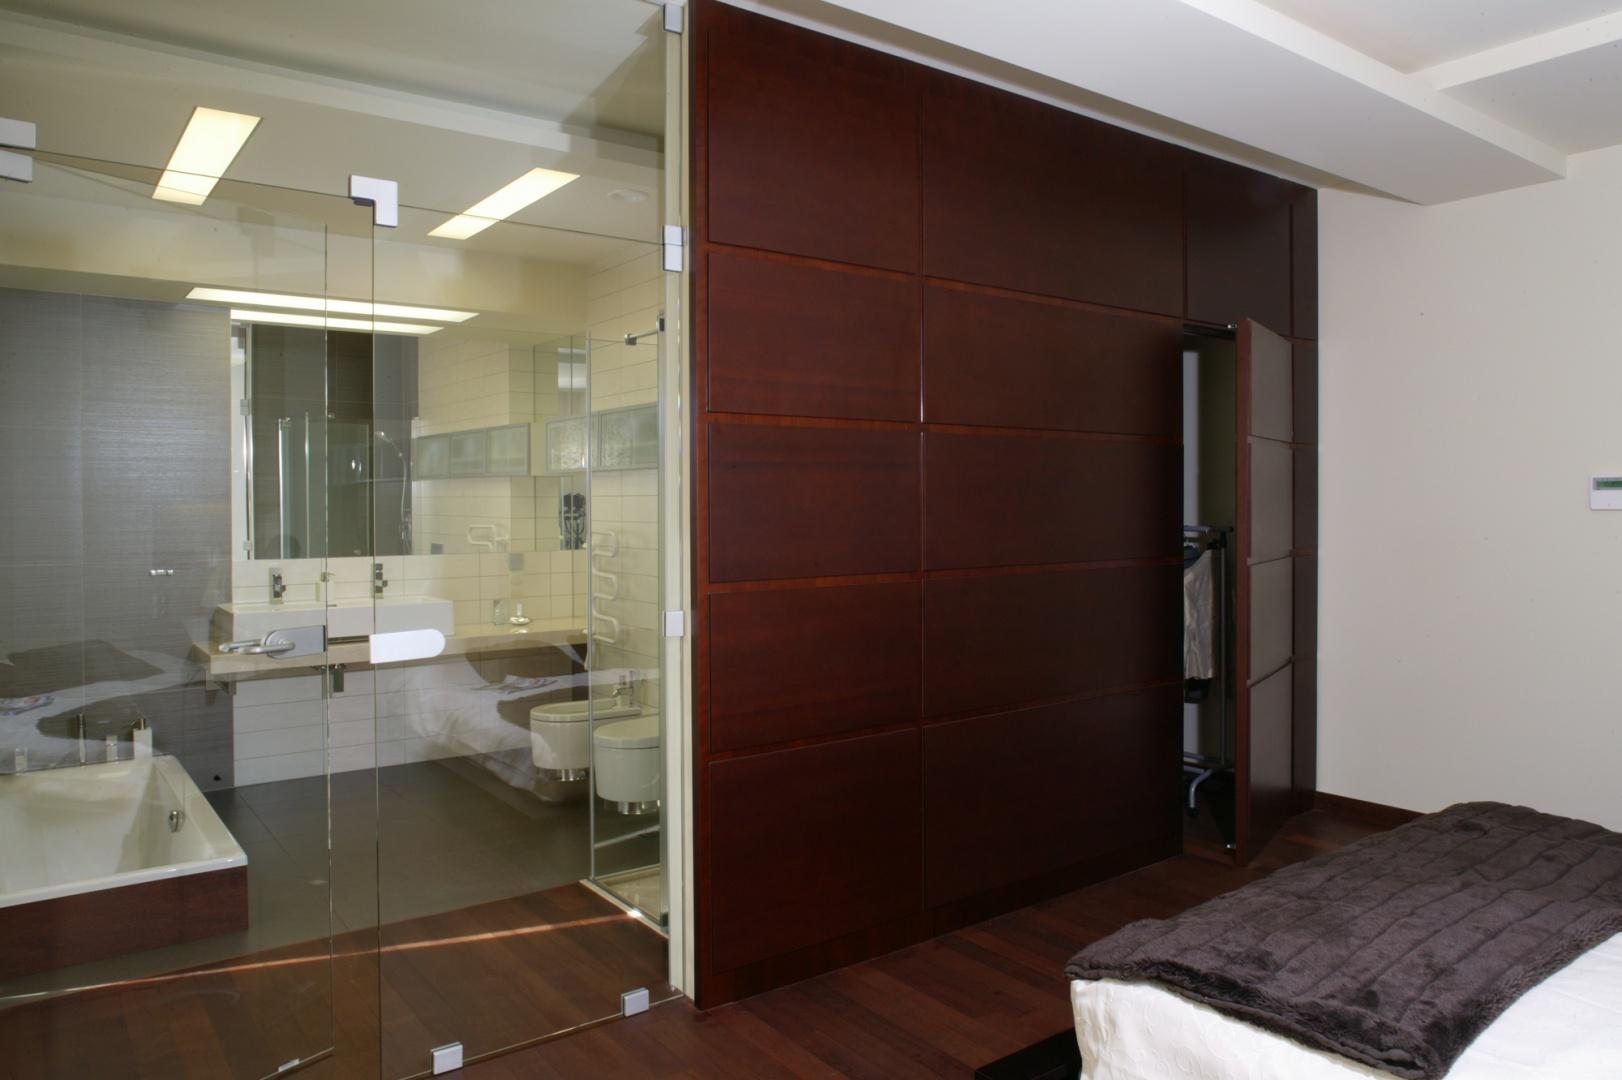 Salon kąpielowy jest przedłużeniem małżeńskiej sypialni. Oba wnętrza dzieli ściana ze szkła. Jej częścią są otwierane w dwie strony drzwi do łazienki. Fot. Monika Filipiuk.